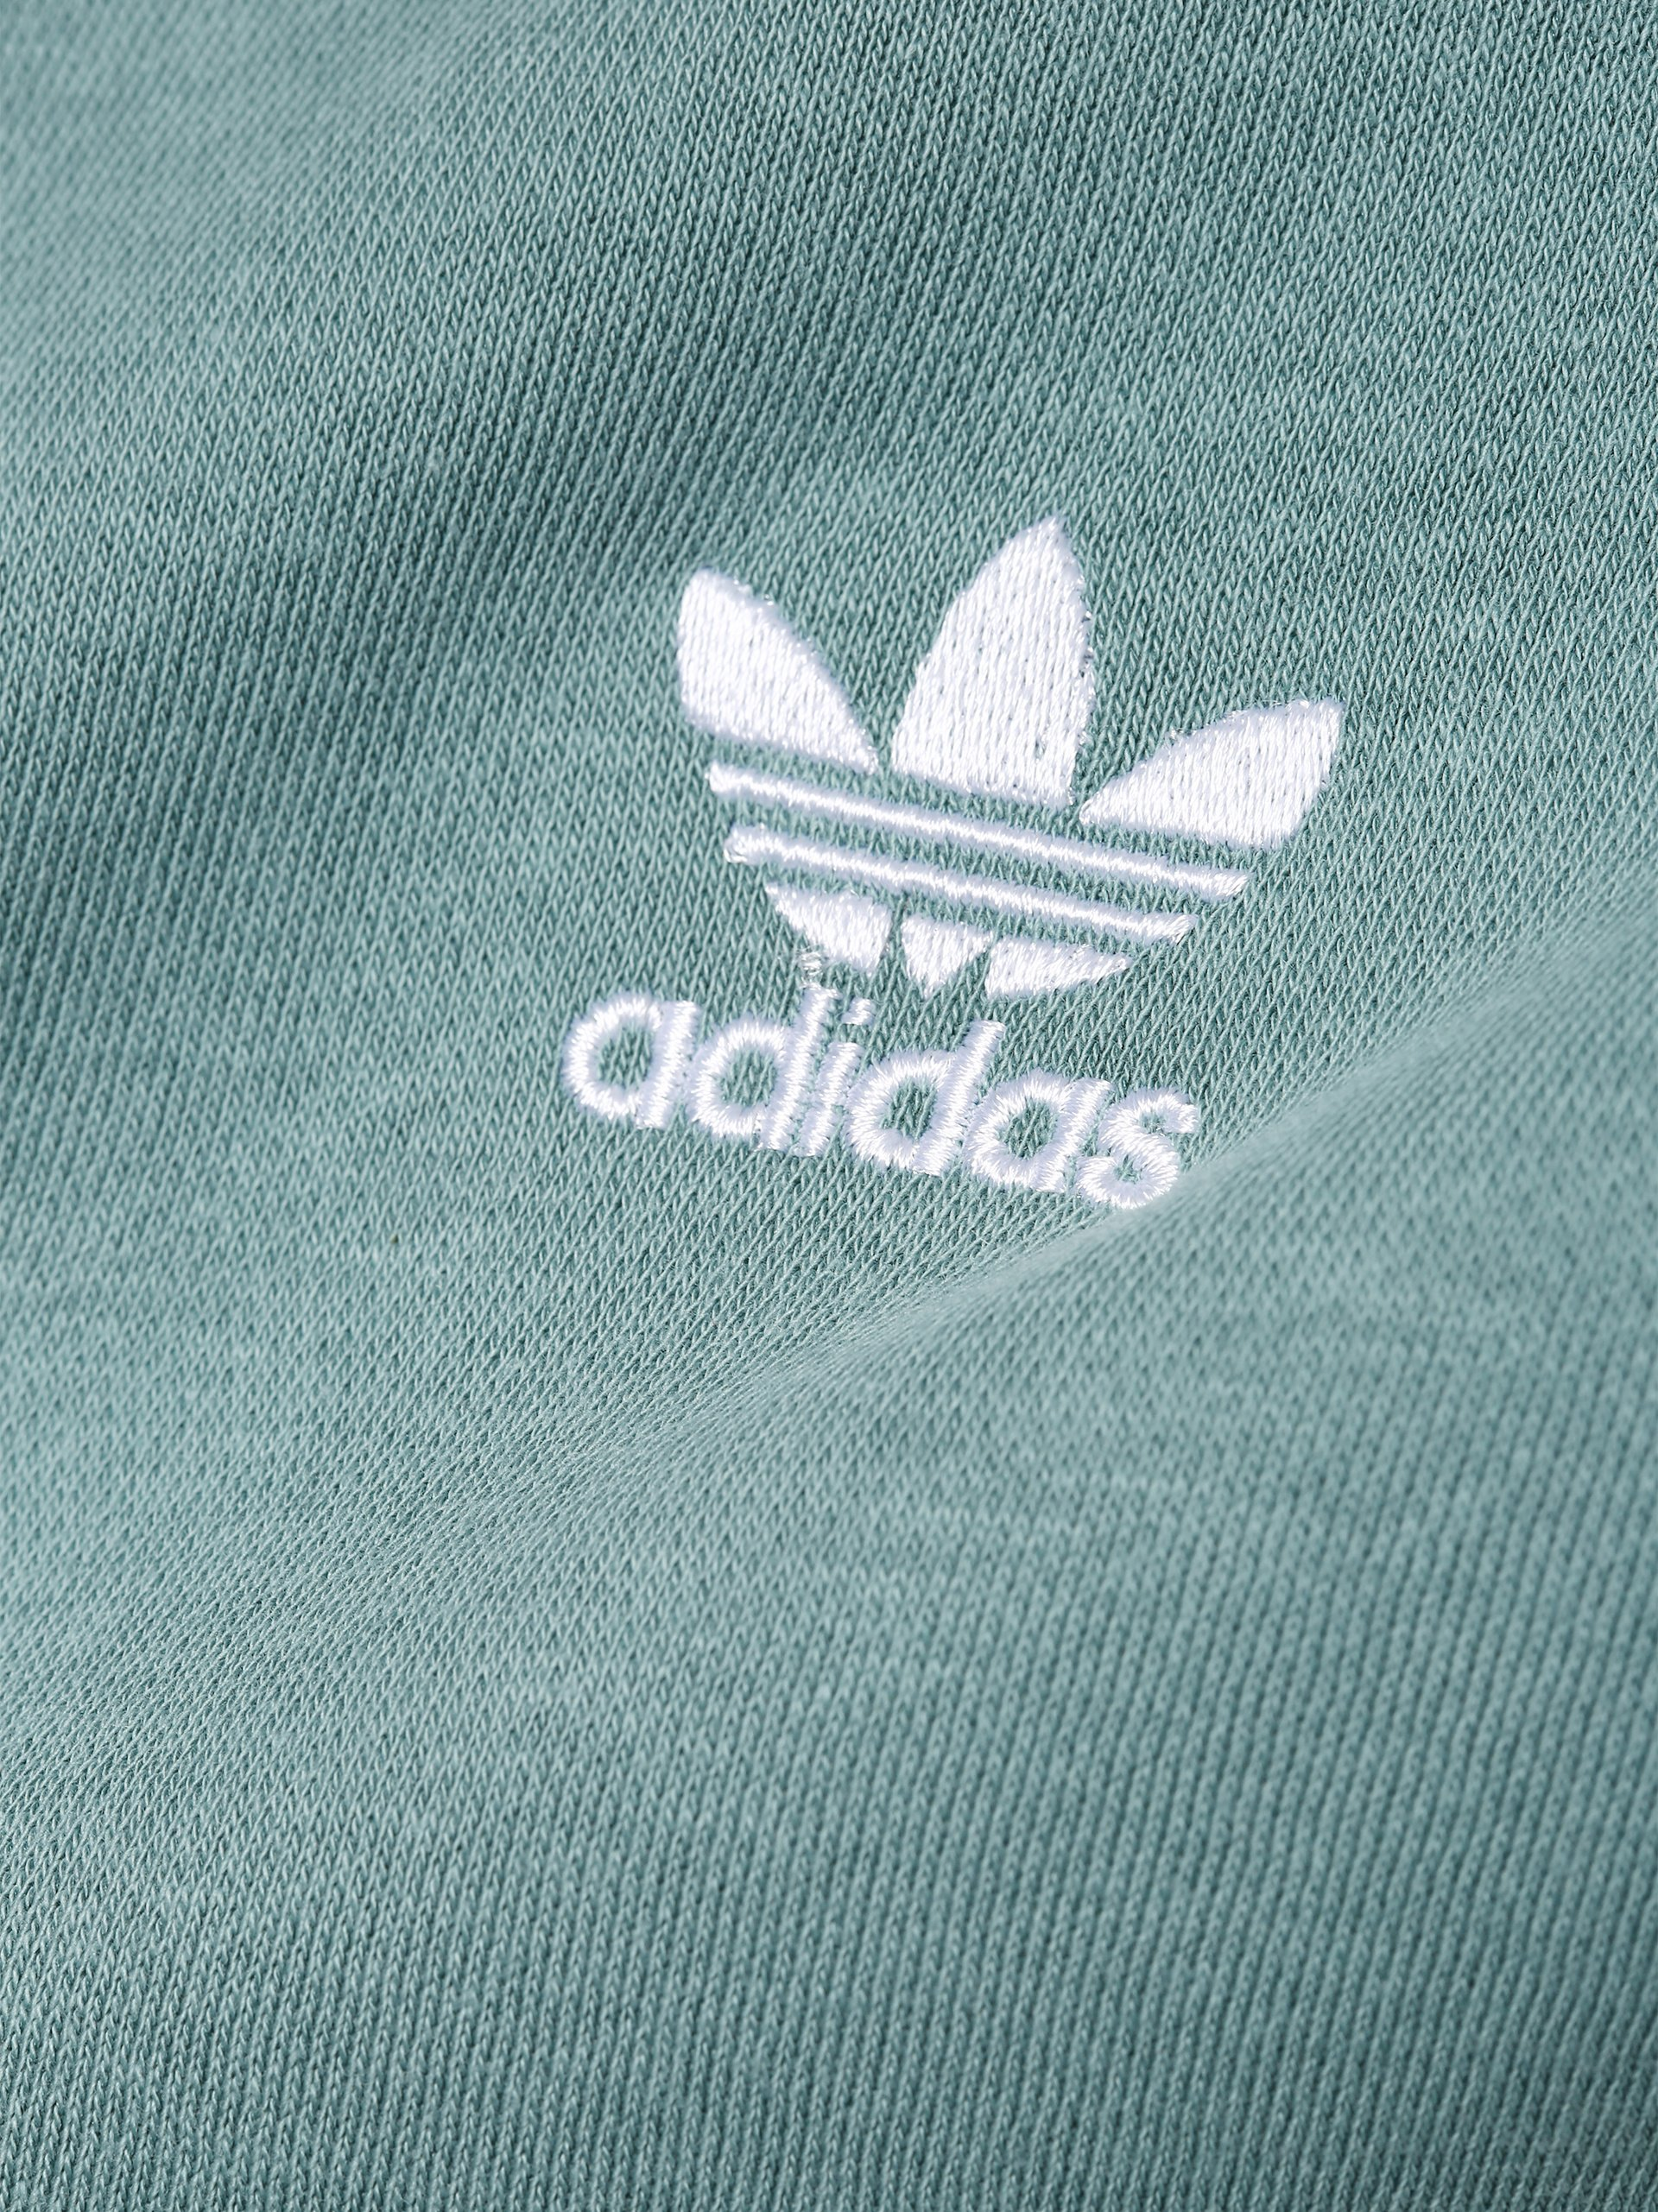 adidas Originals Herren Sweatshirt